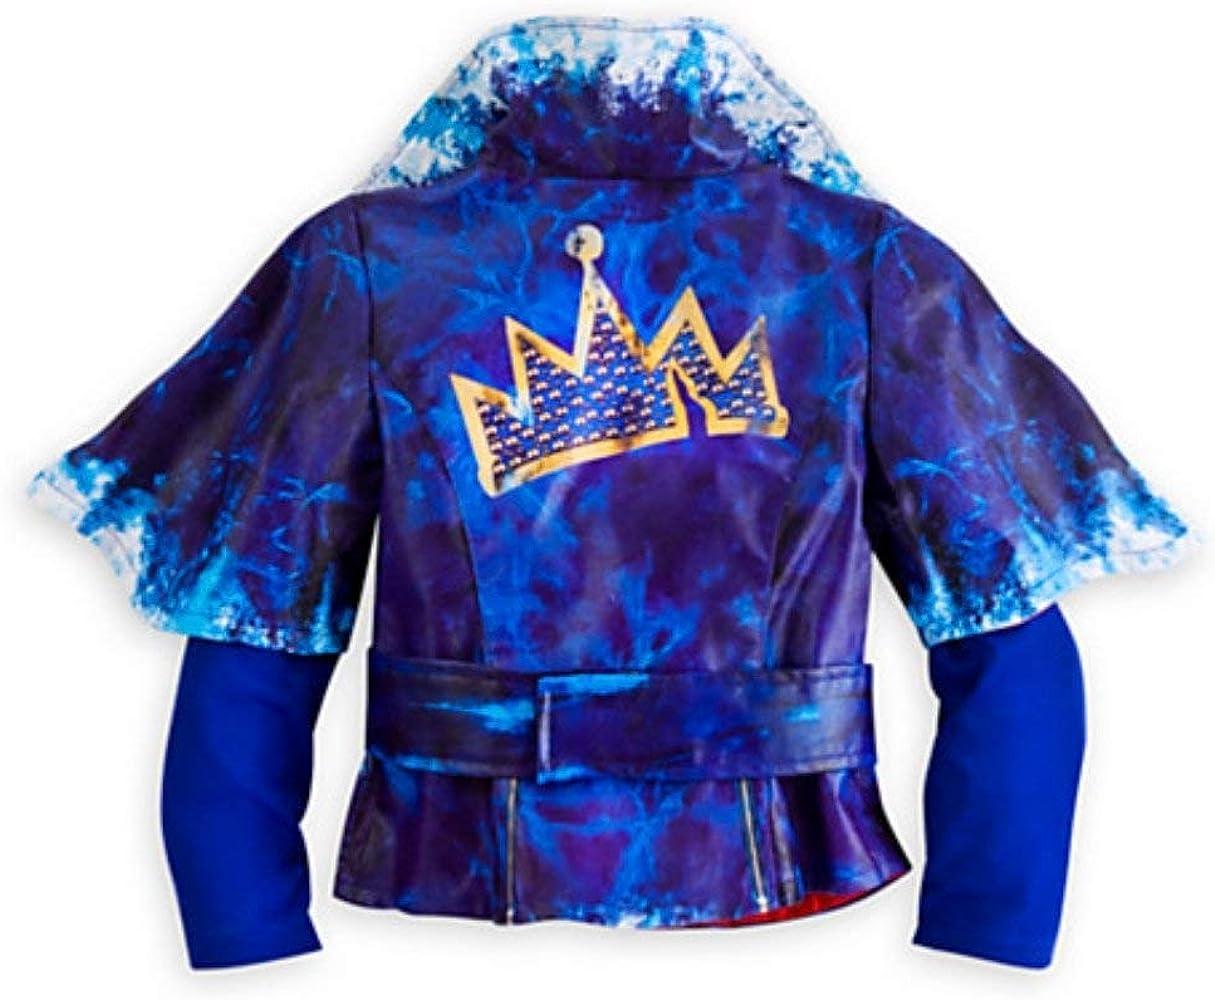 Tienda de Disney – Descendientes Evie disfraz para niñas: Amazon ...